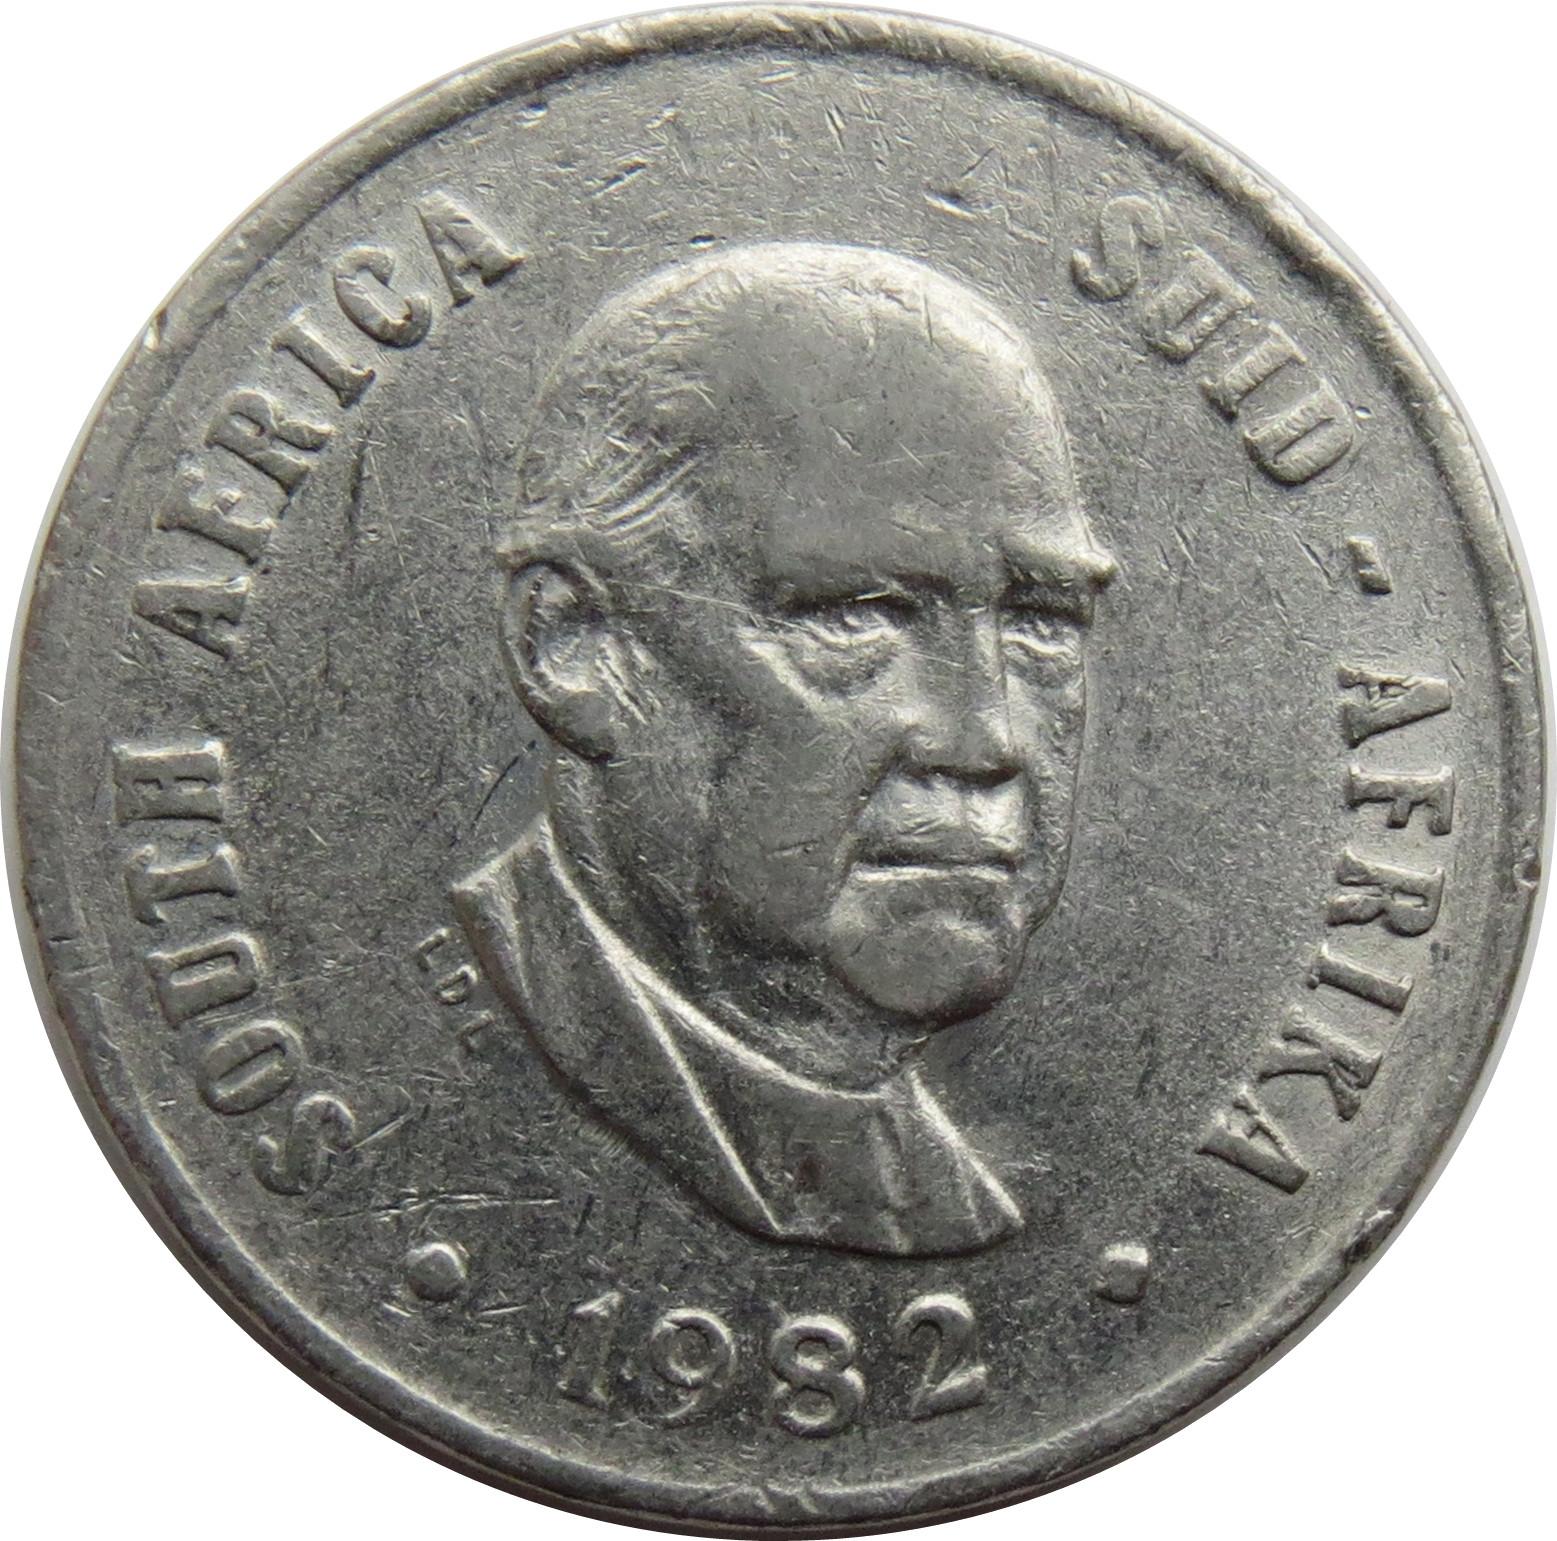 South Africa 10 Cents (Balthazar J. Vorster)